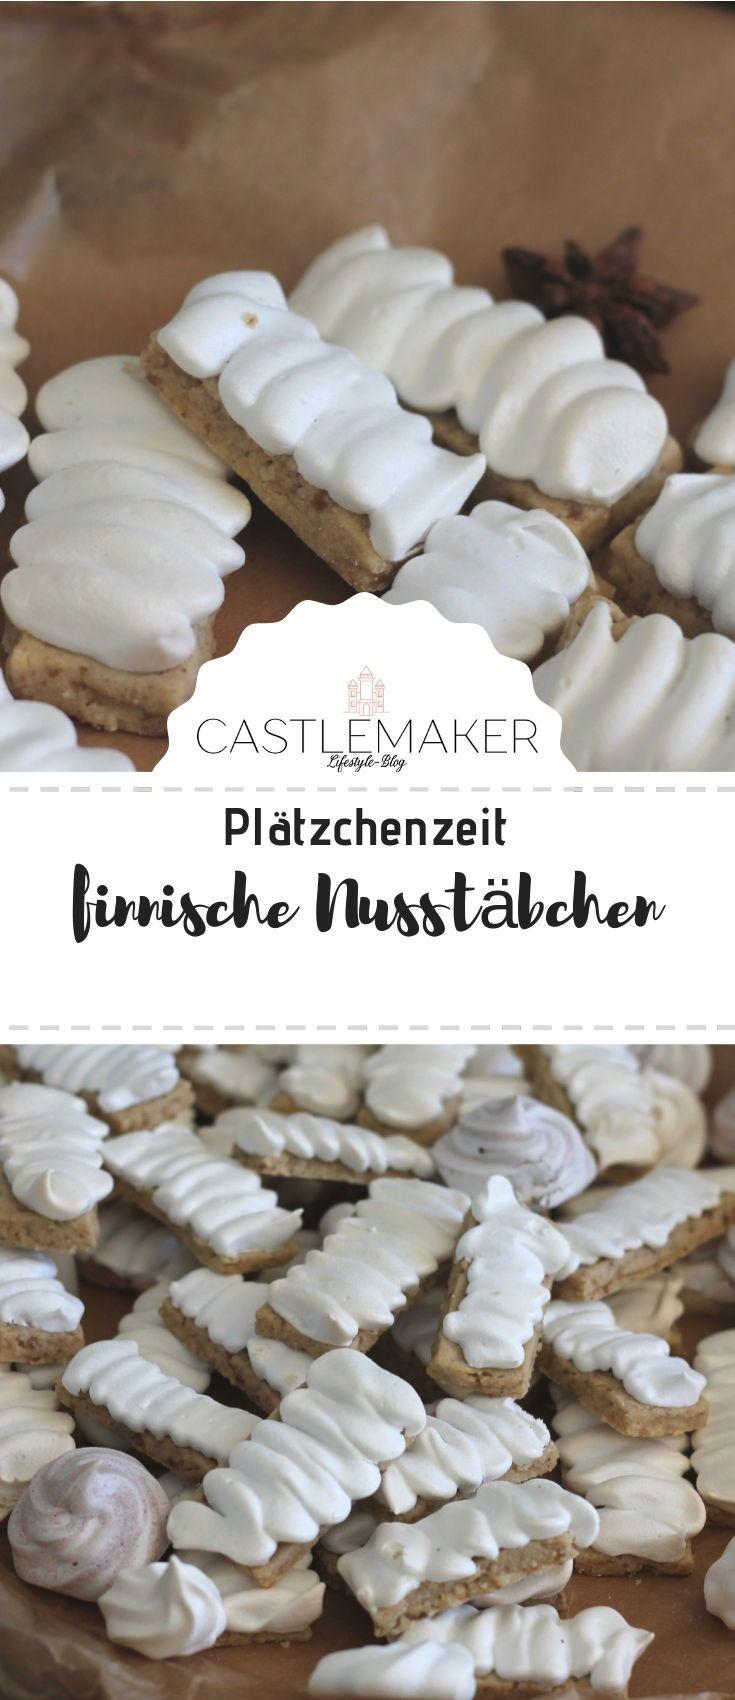 REZEPT finnische Nussstäbchen – Backen im Advent / Weihnachtsbäckerei